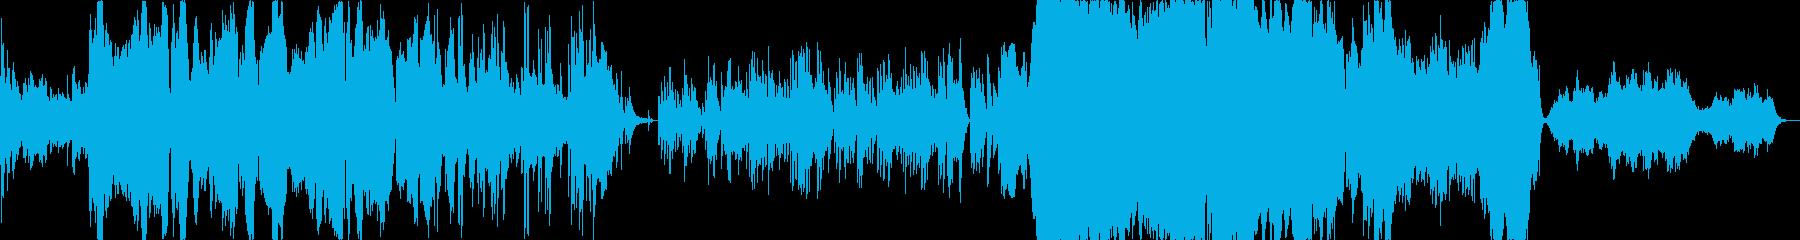 温かく、優しい落ち着いた雰囲気の曲ですの再生済みの波形